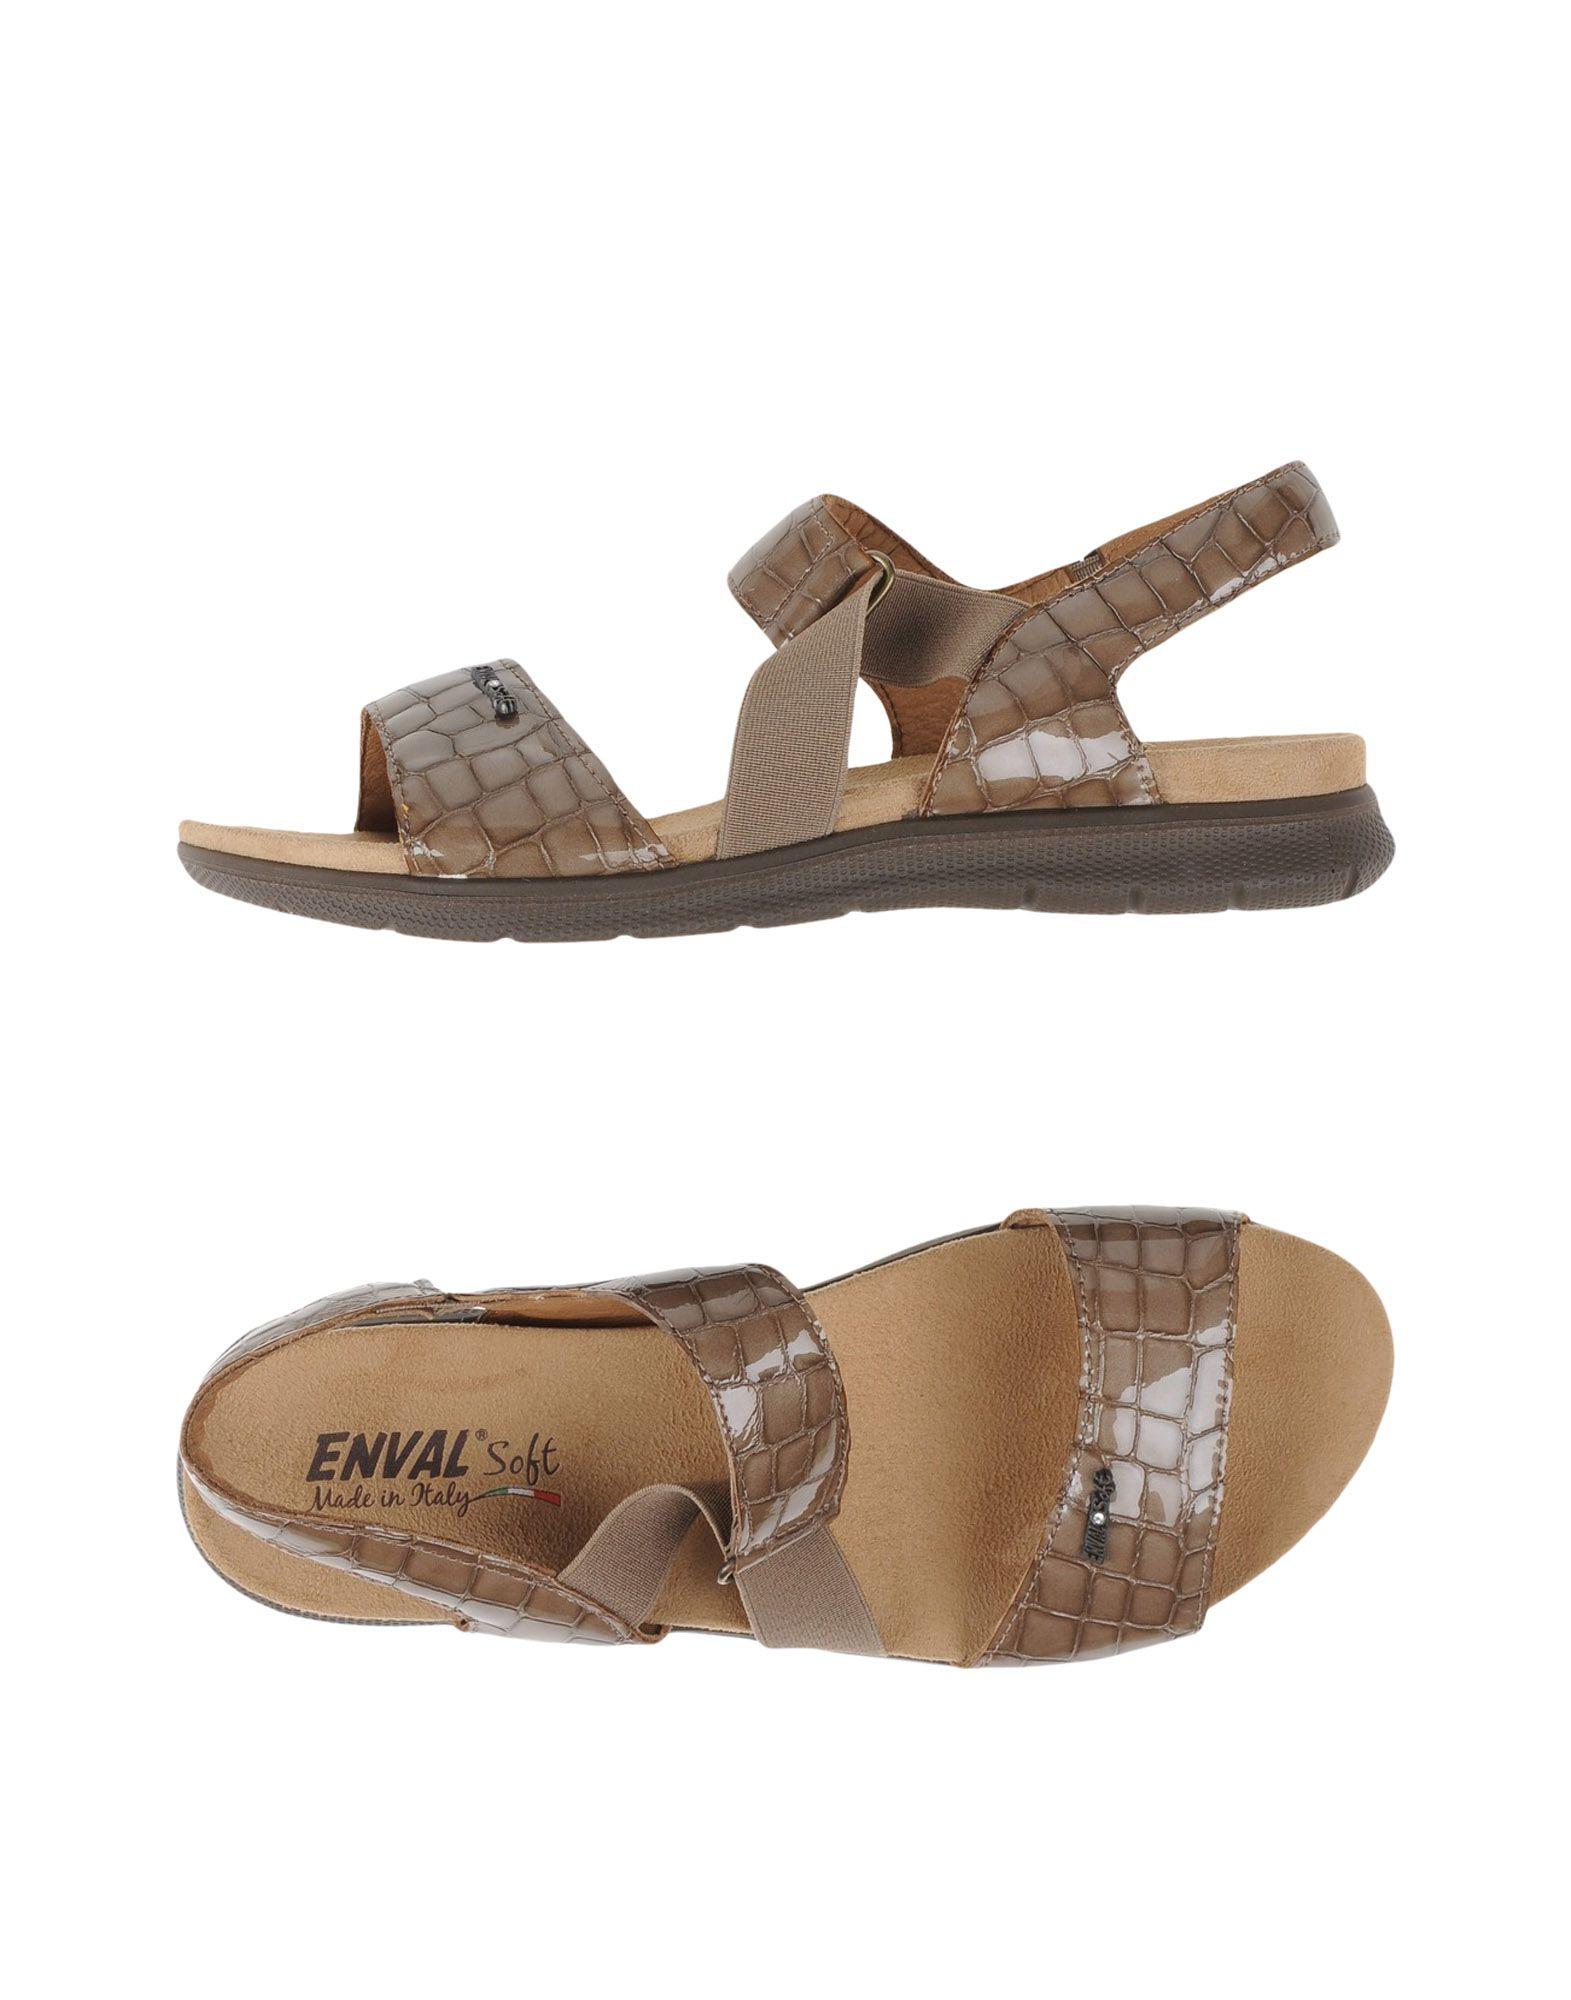 Enval 44997955EN Soft Sandalen Damen  44997955EN Enval Gute Qualität beliebte Schuhe 9c3b65